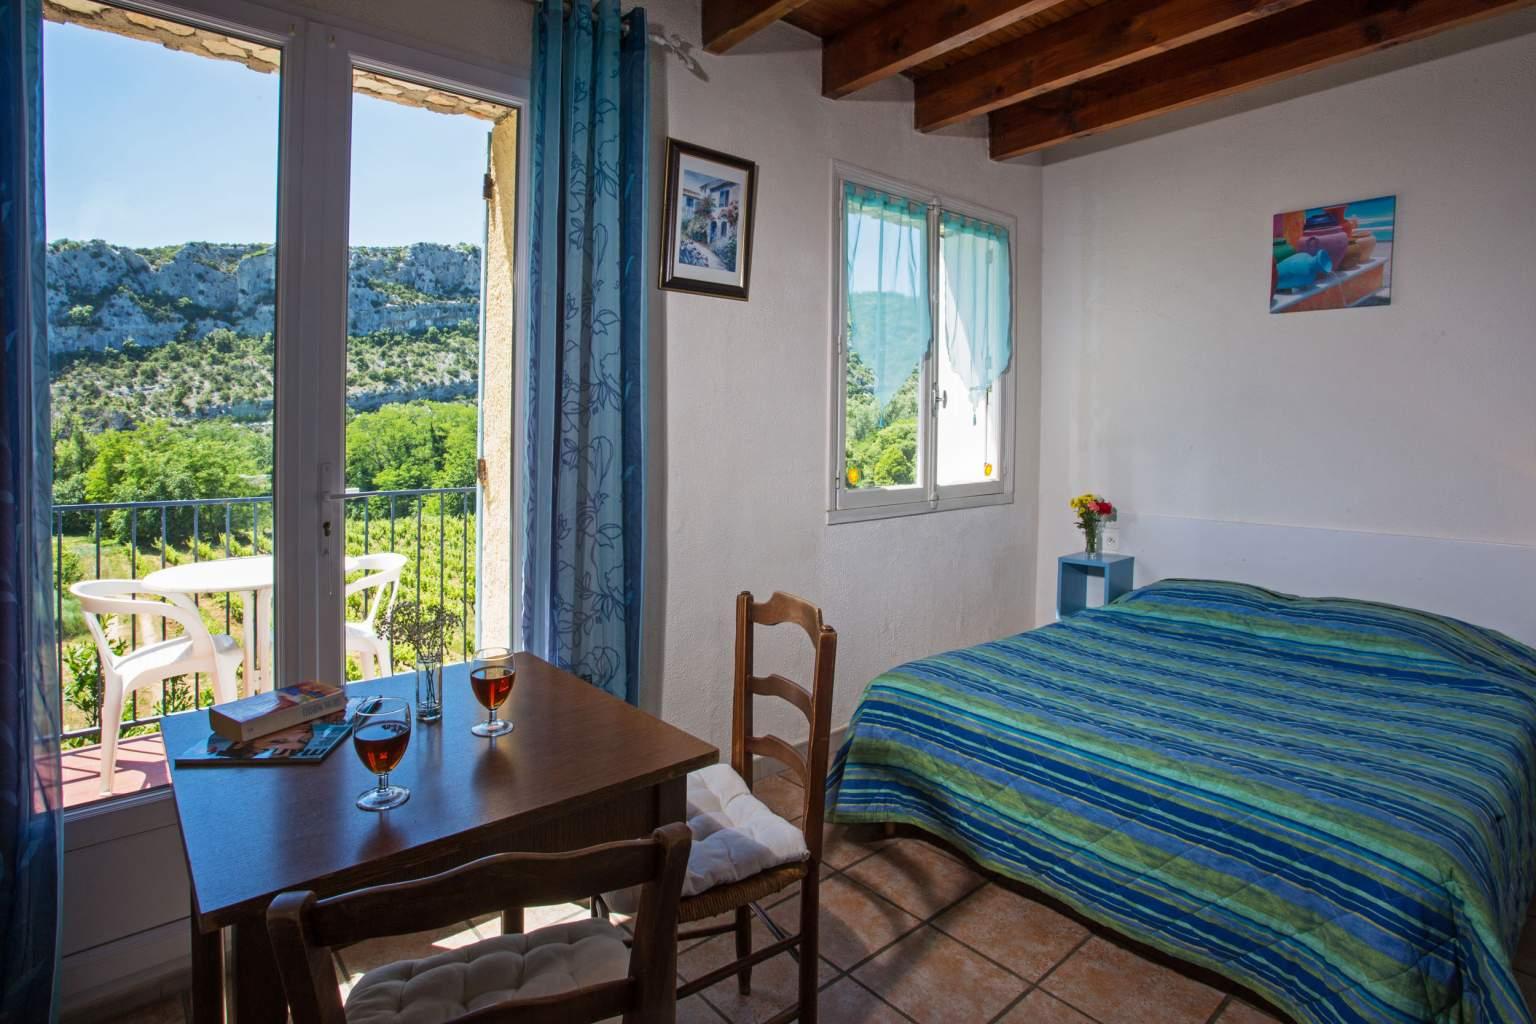 Chambre lit double avec balconL'Auberge des Gorges à Saint-Martin-d'Ardèche